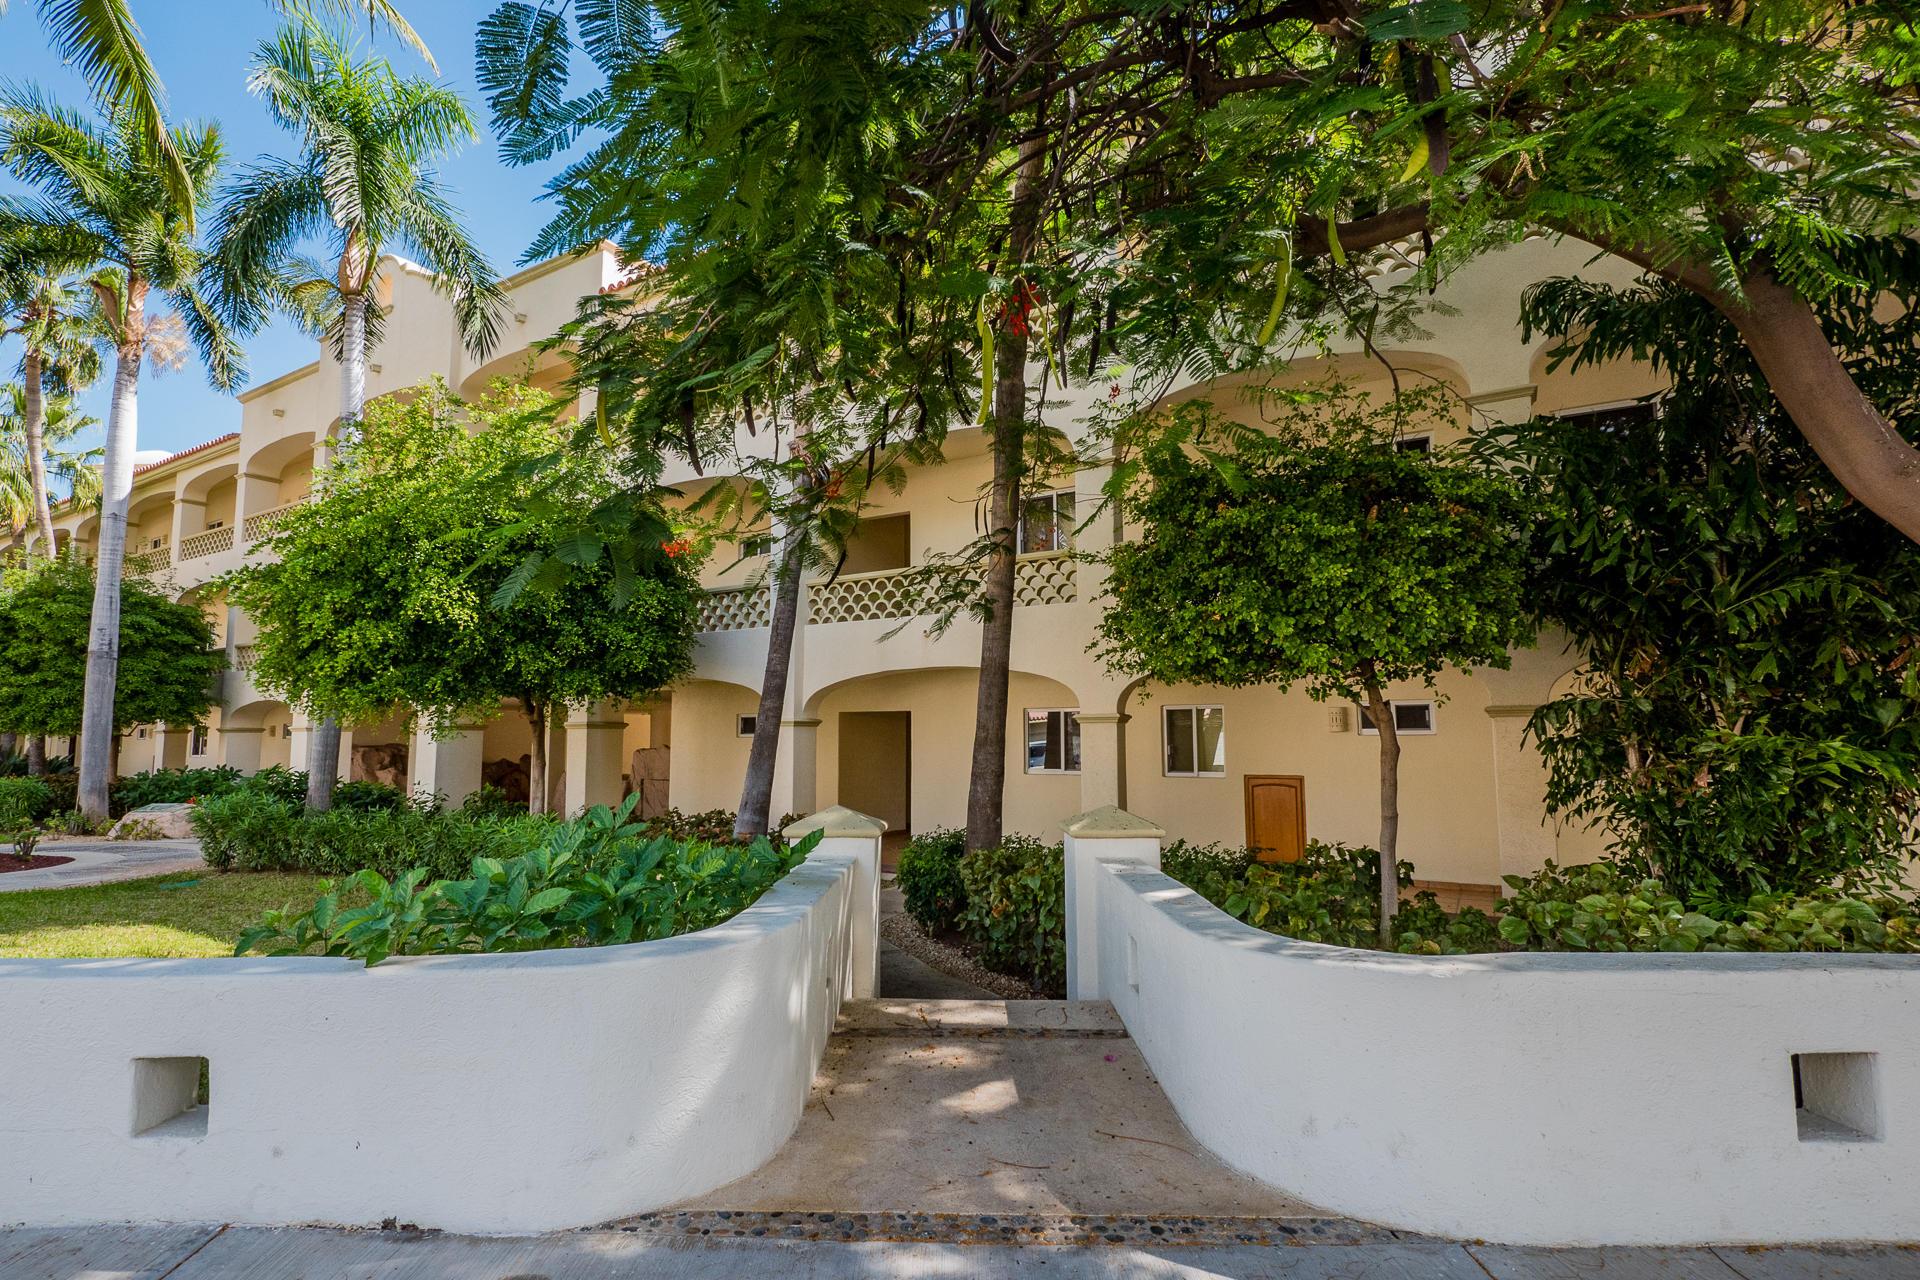 Villa Alfresco del Mar #107-1